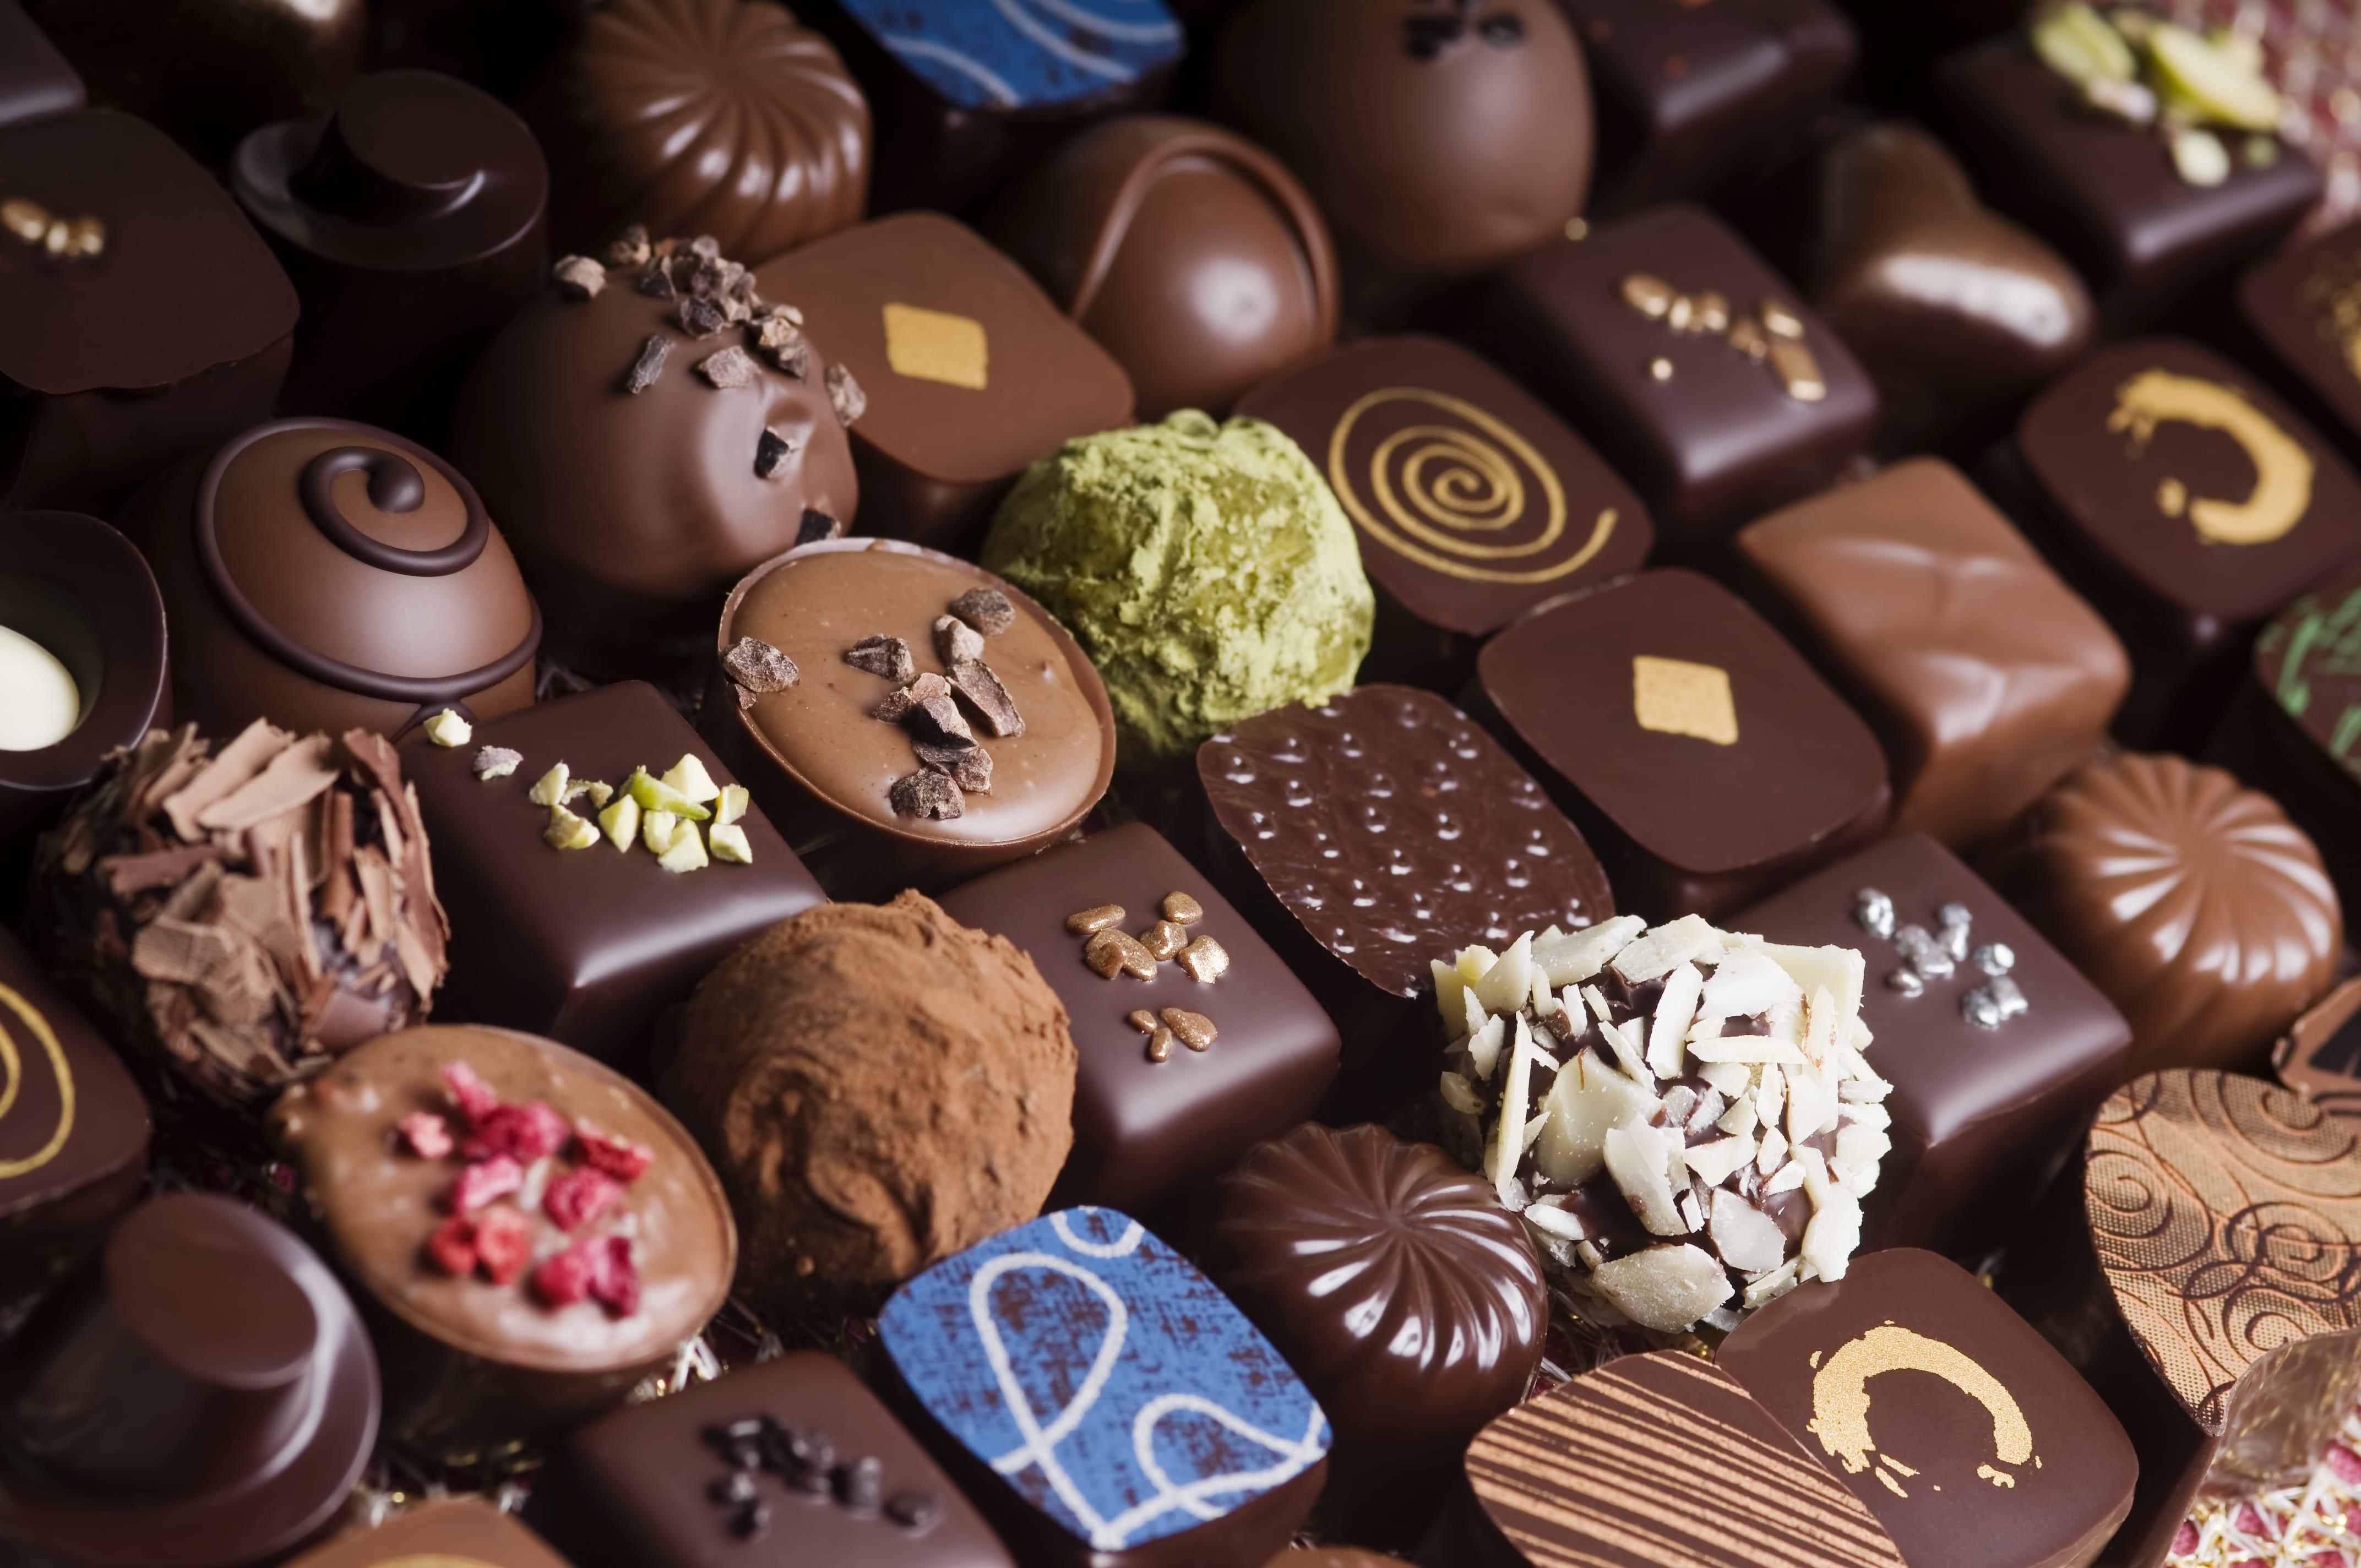 خوردن شکلات در این موقع منجر به چربی سوزی می شود!